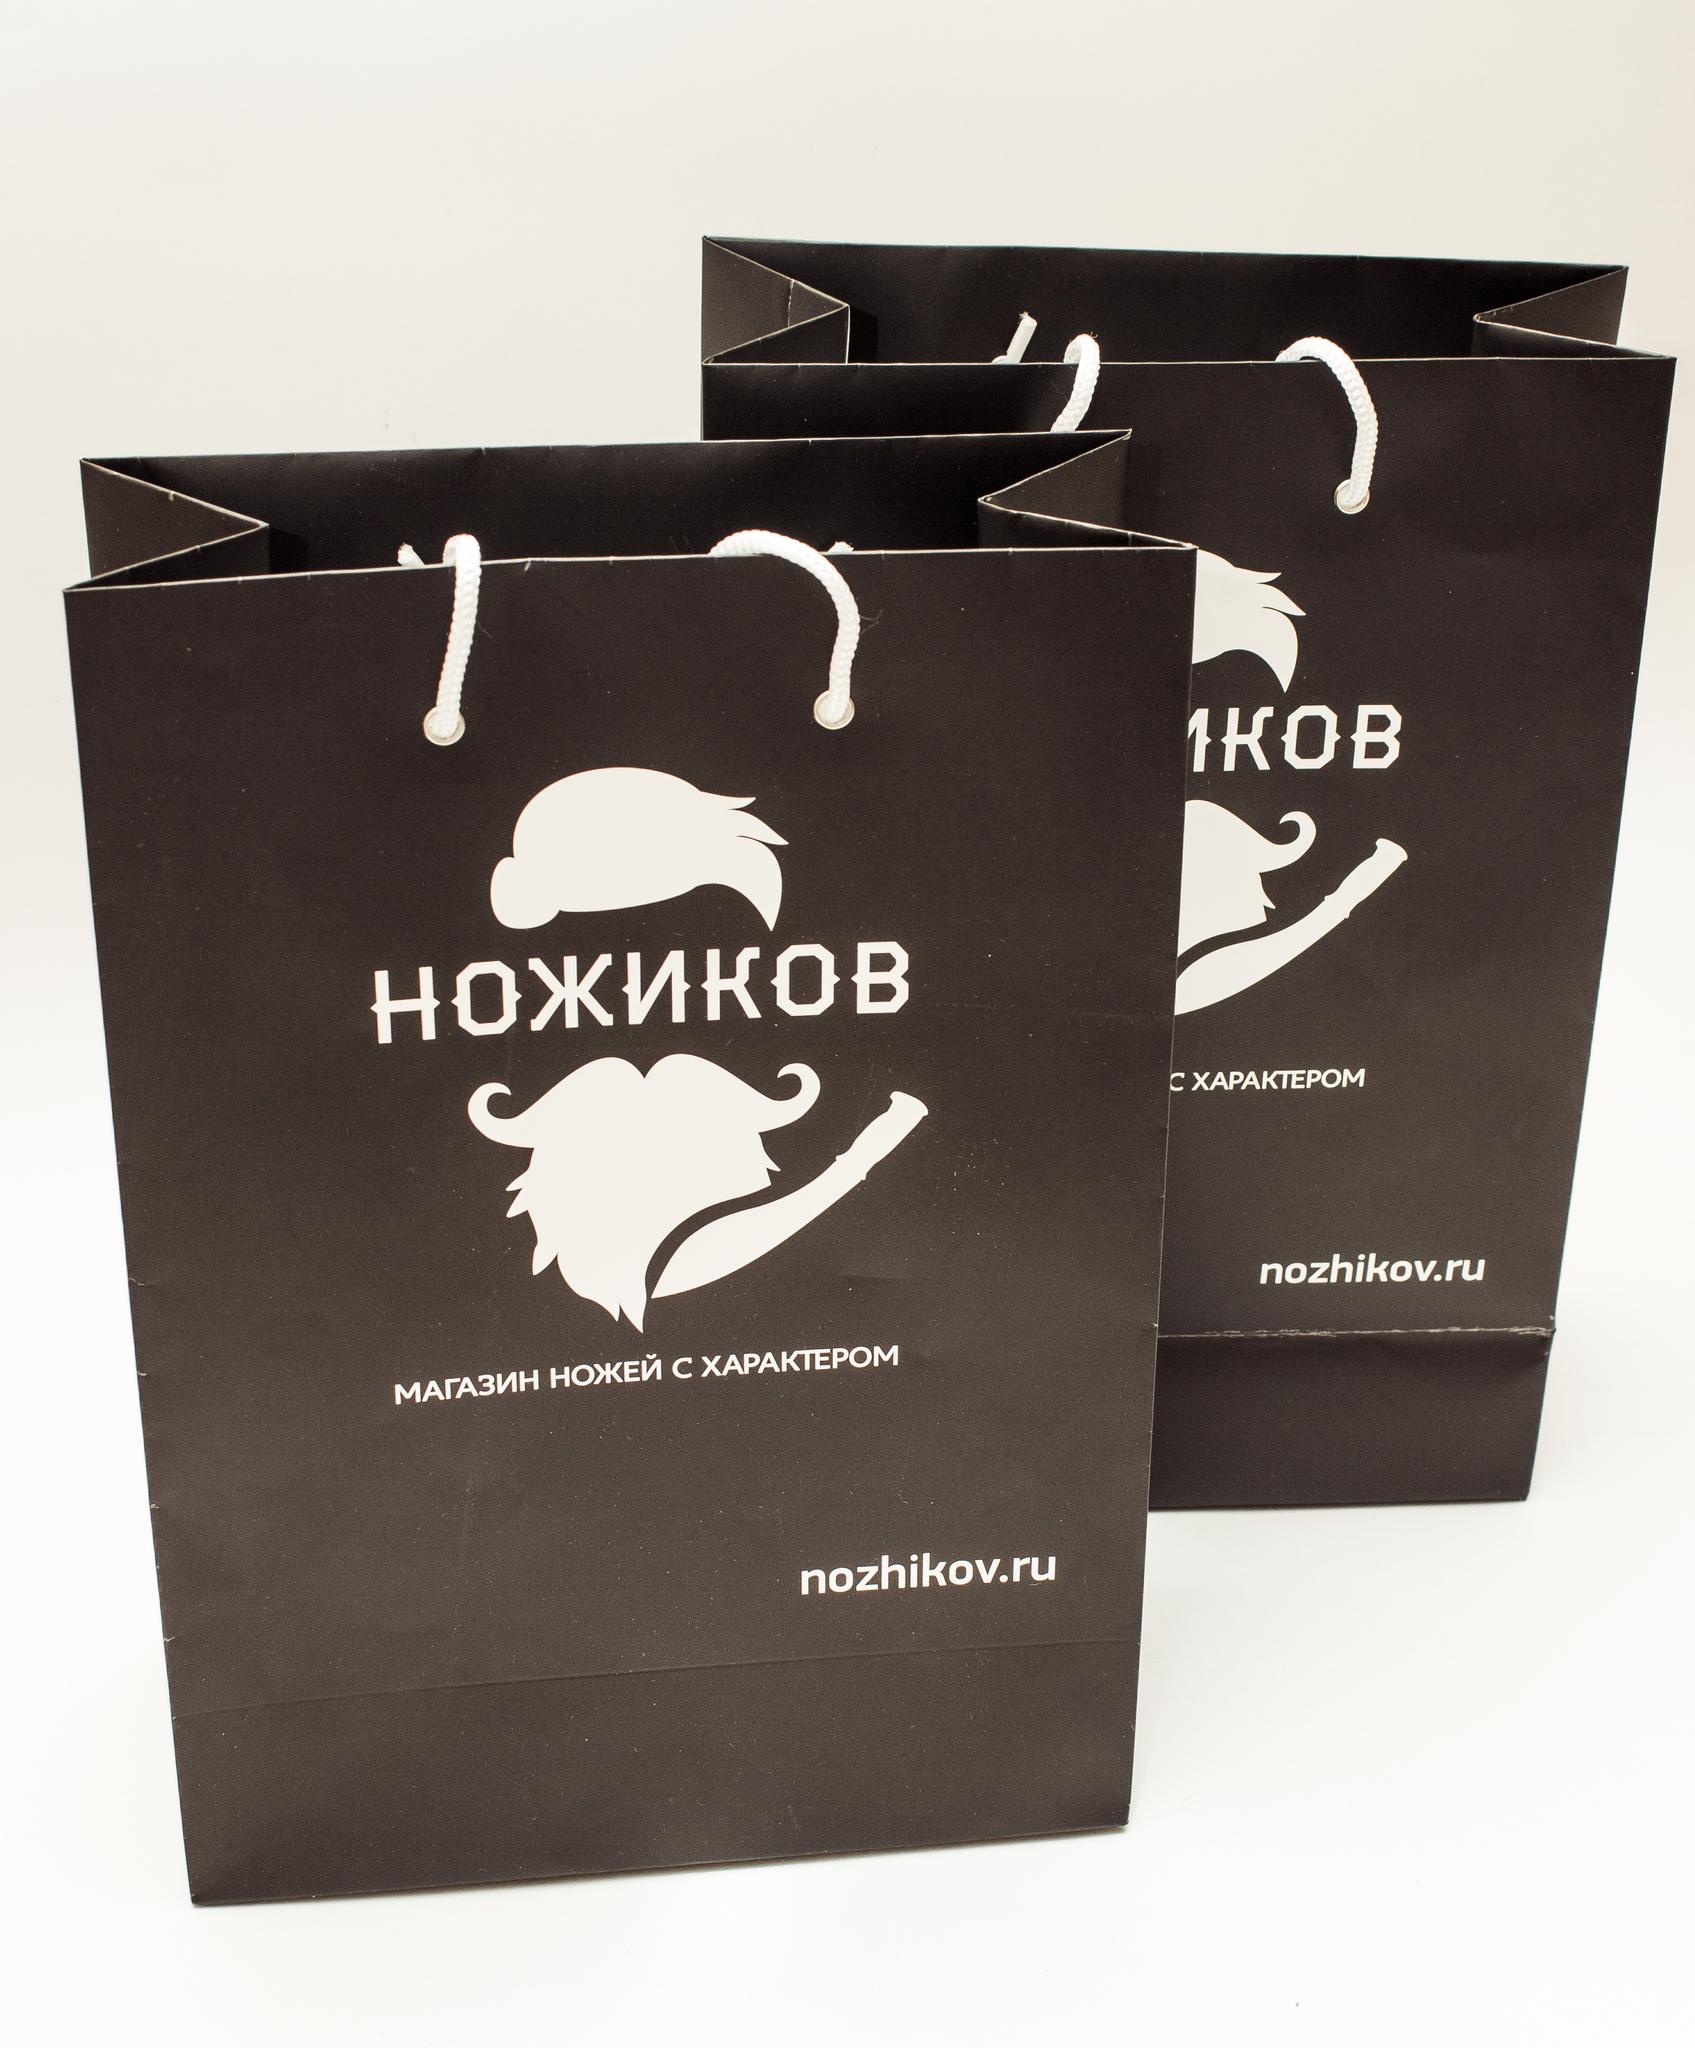 Фото 7 - Подарочный пакет от Nozhikov